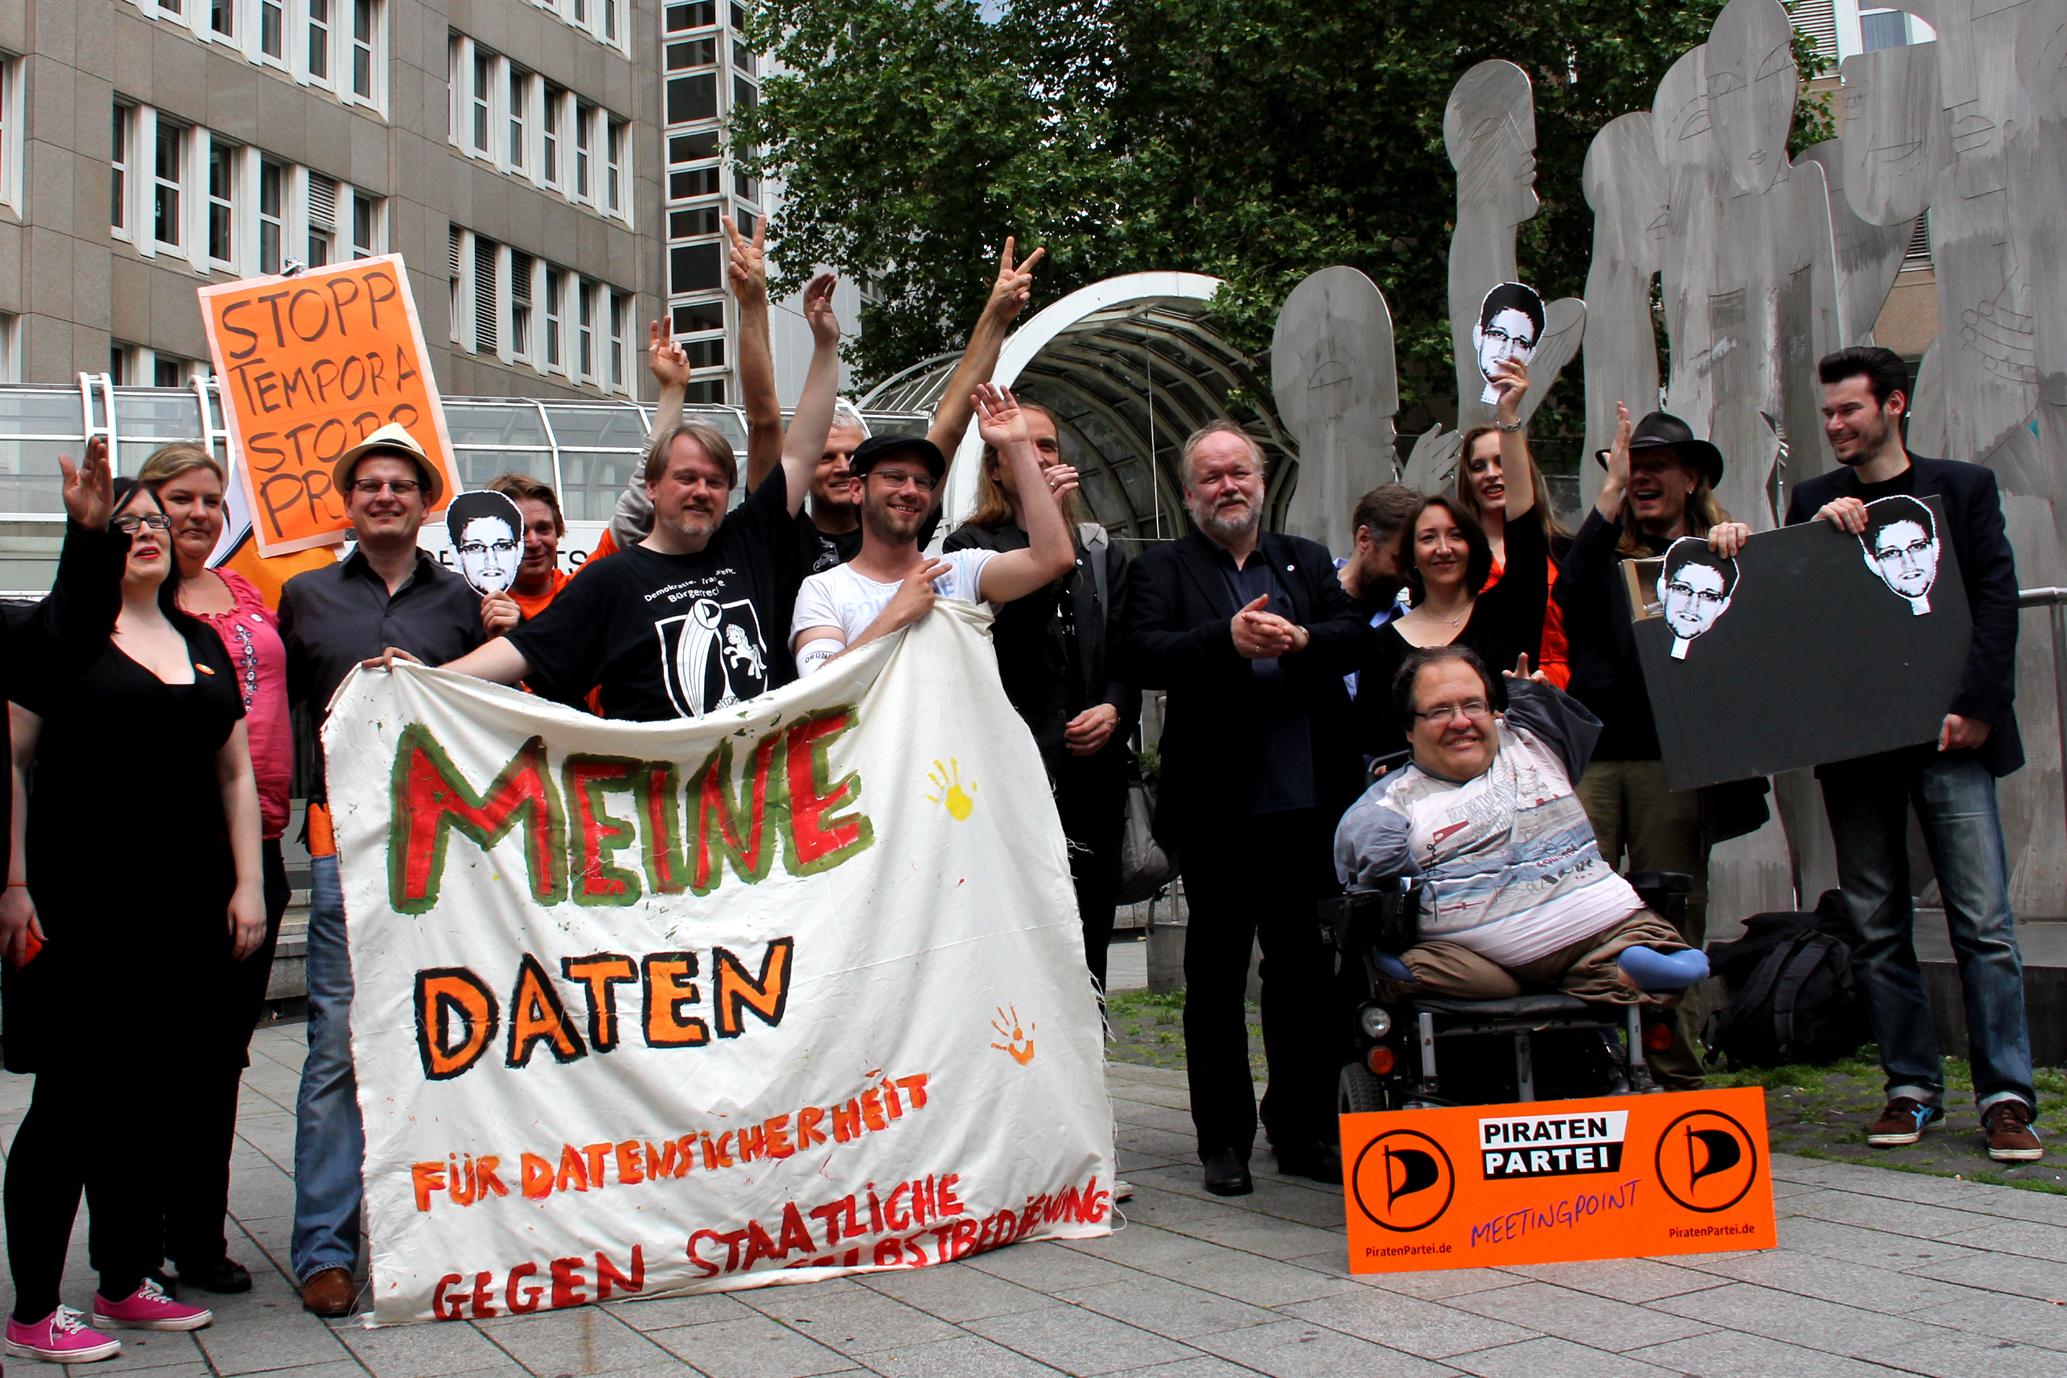 PRISM-DEMO-Düsseldorf-22-06-2013 / Piratenfraktion, Landesvorstand und Bundestagskandidaten